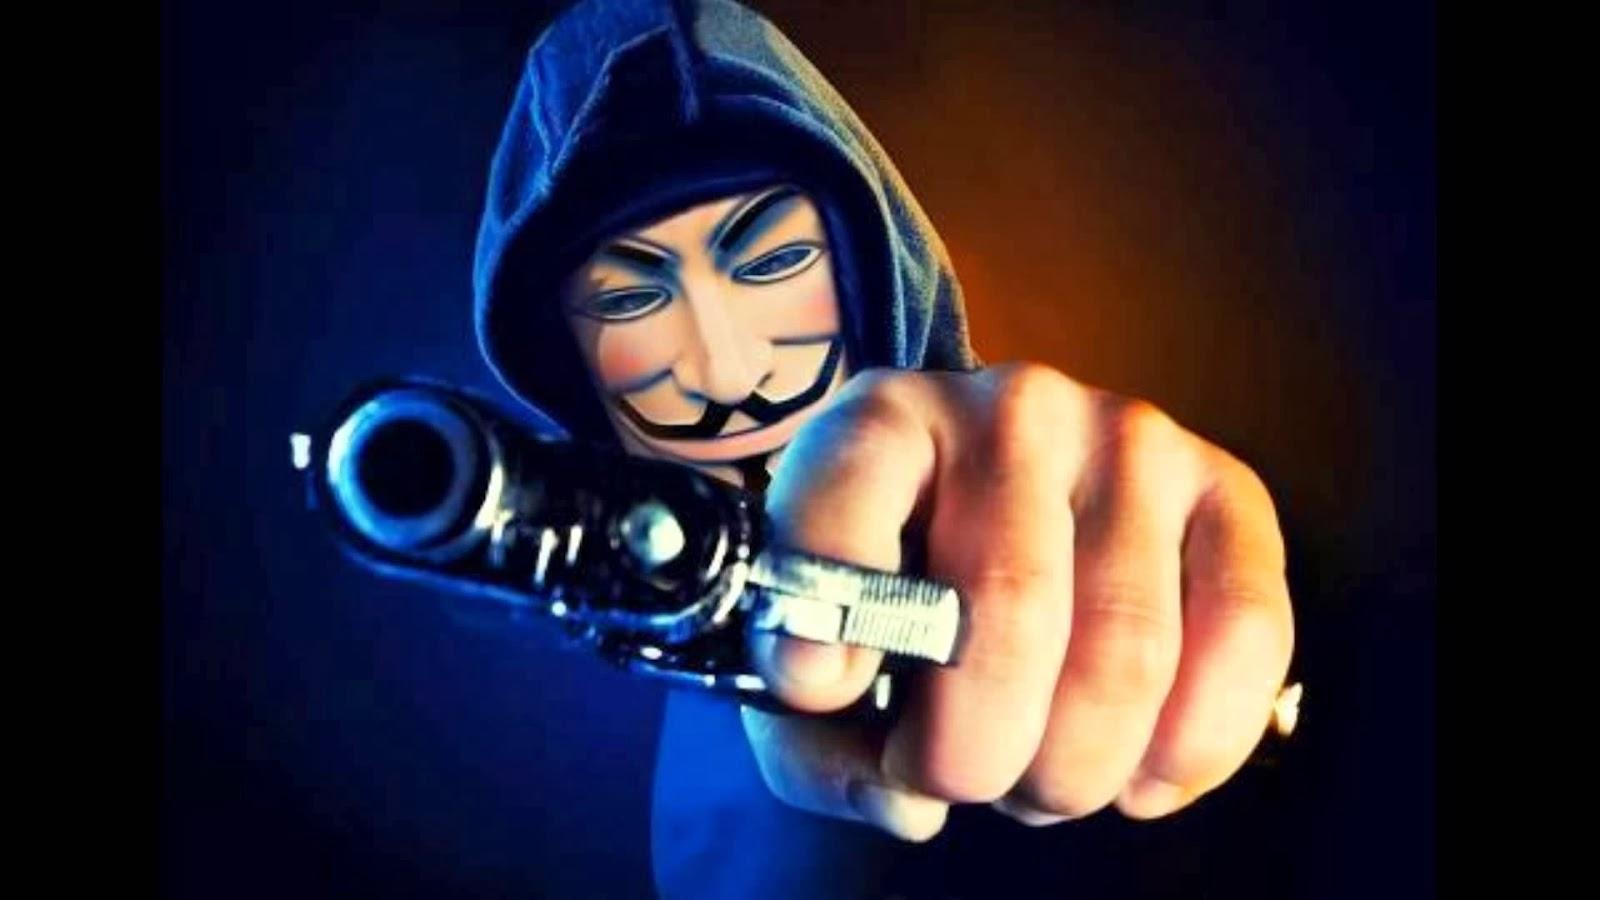 """كشف قضية تشهير وتهديد عبر الـ""""فيسبوك"""" بالخليل"""